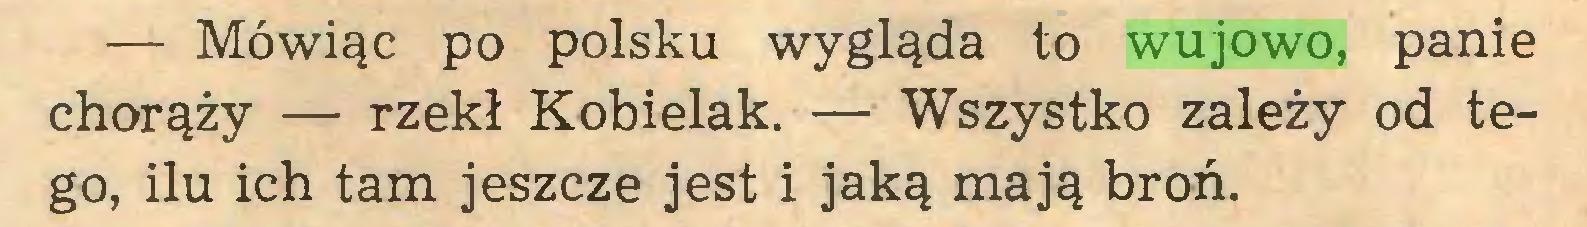 (...) — Mówiąc po polsku wygląda to wujowo, panie chorąży — rzekł Kobielak. — Wszystko zależy od tego, ilu ich tam jeszcze jest i jaką mają broń...